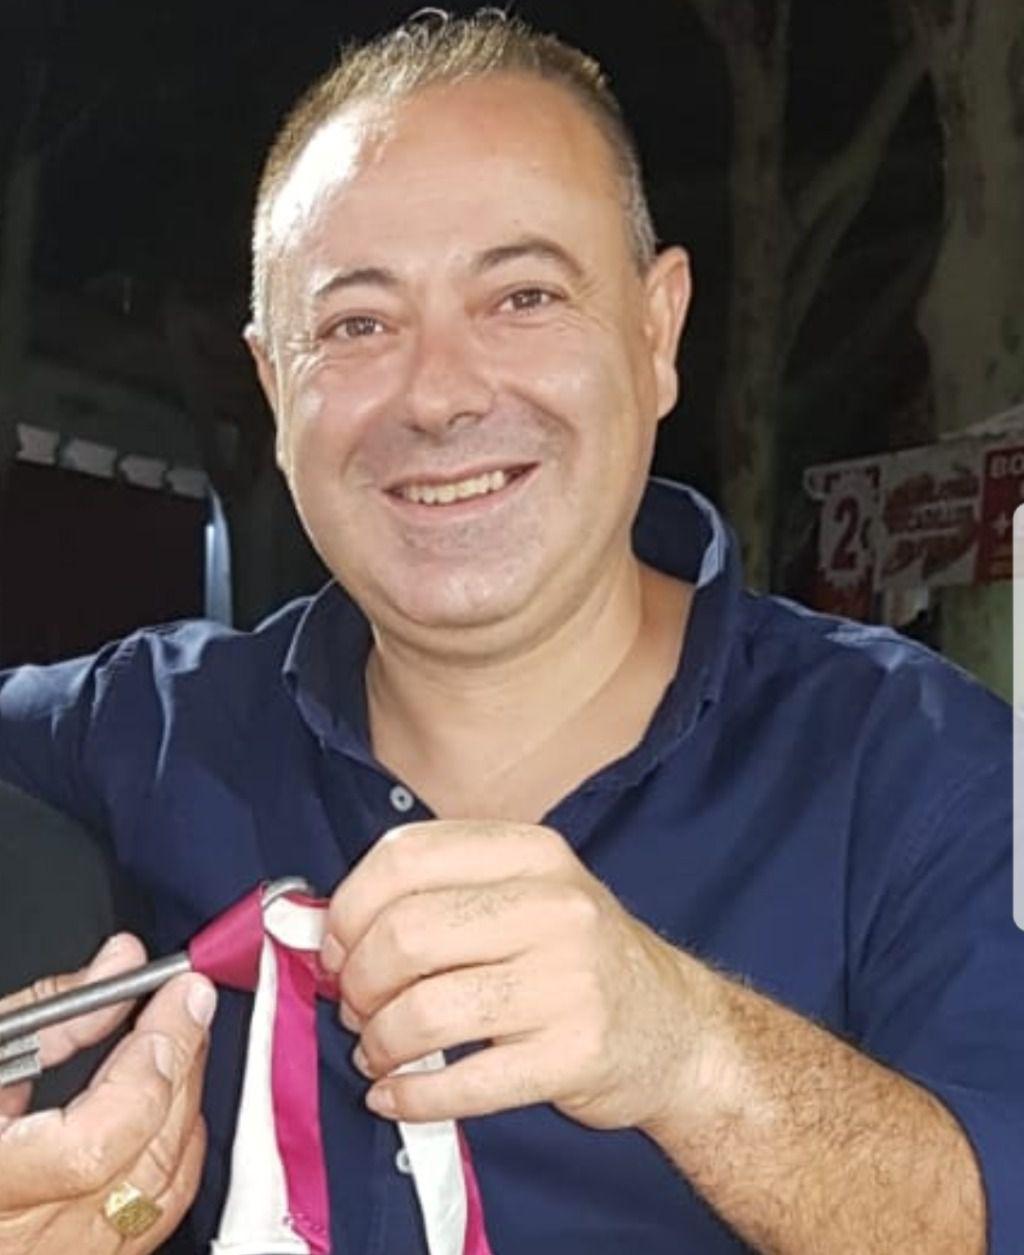 Ha fallecido Oscar Sánchez, propietario del restaurante La Espiga en Campollano